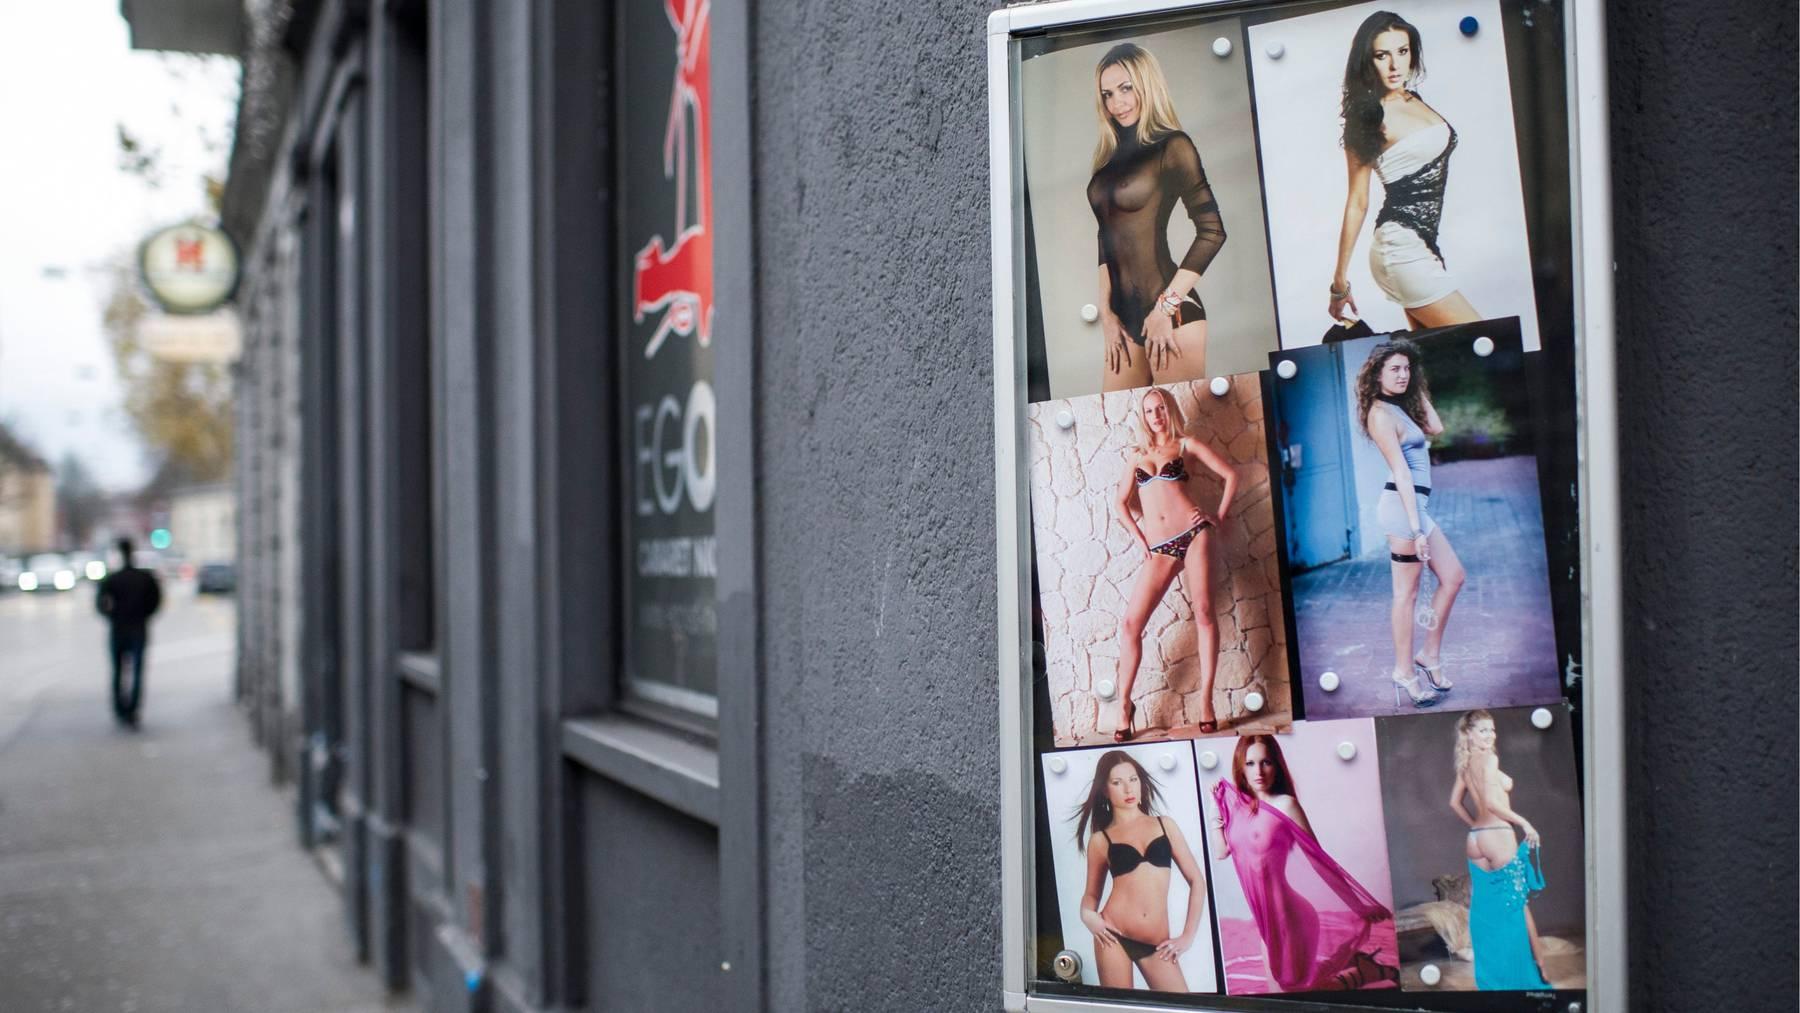 Den Entscheid zum Sexgewerbe müsse man nochmals überprüfen, findet Taskforce-Chef Matthias Egger.